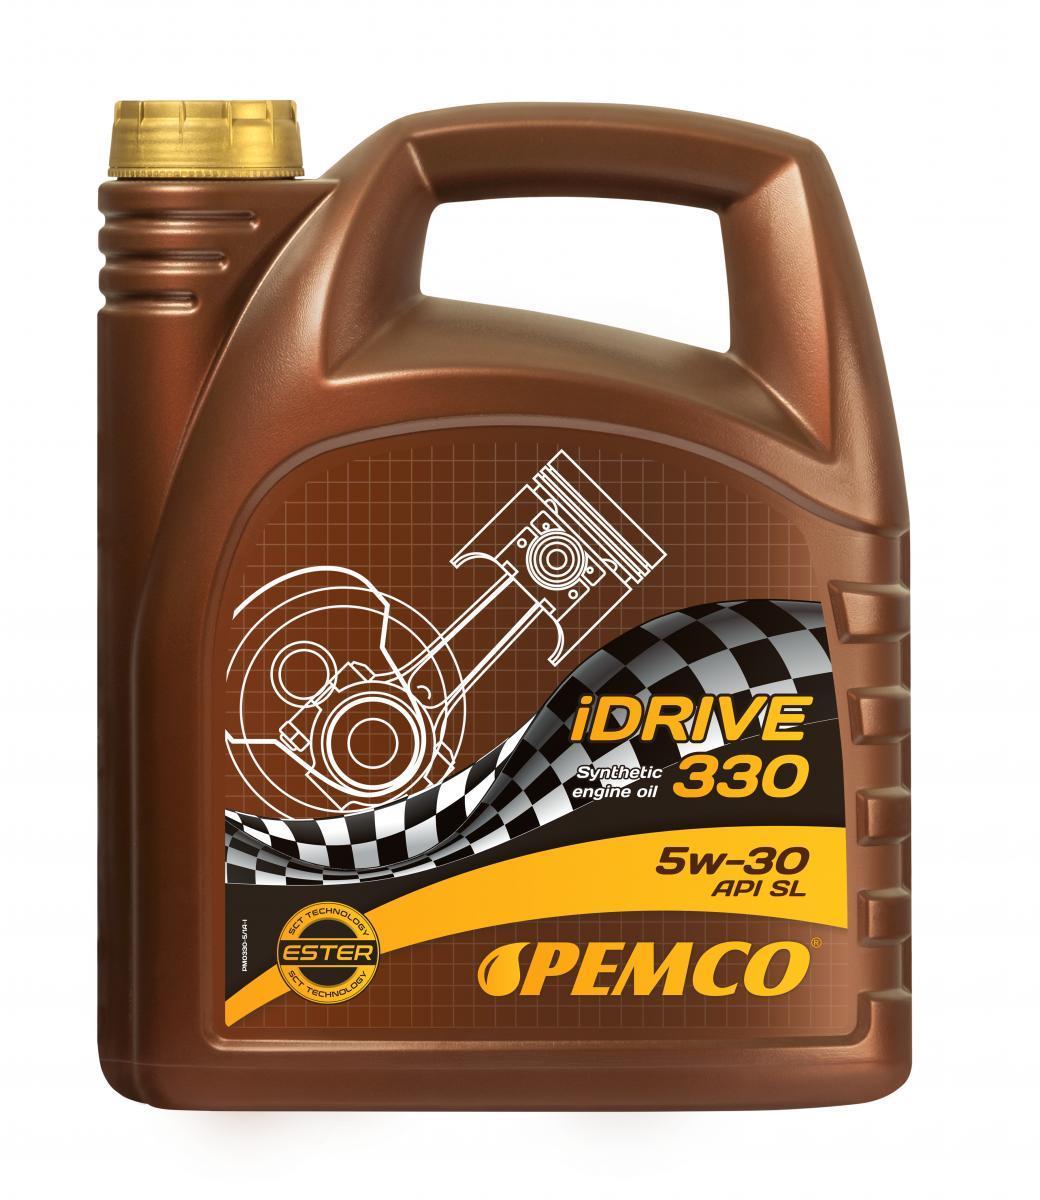 Λάδι κινητήρα PM0330-5